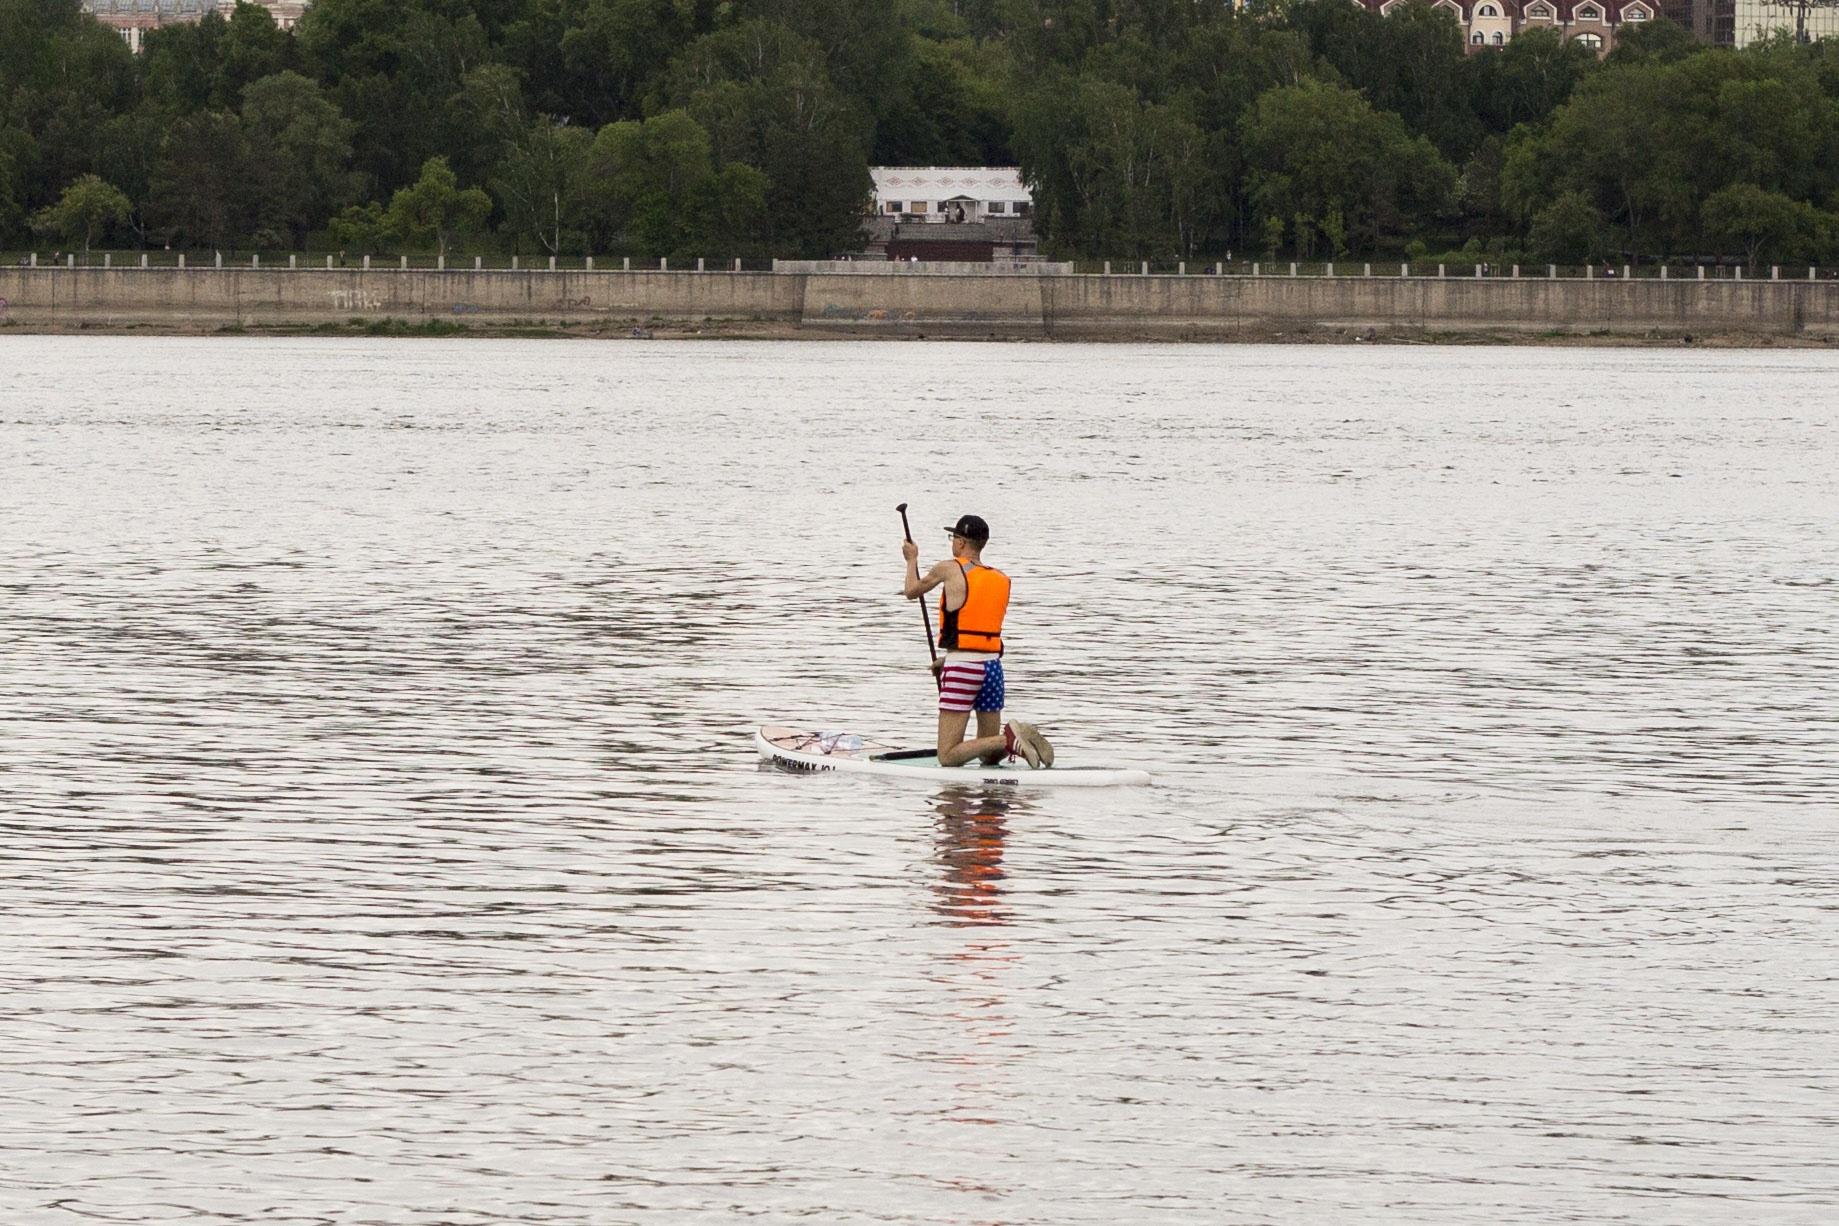 Перед тем как официально открыть пляж, специалисты берут пробы воды